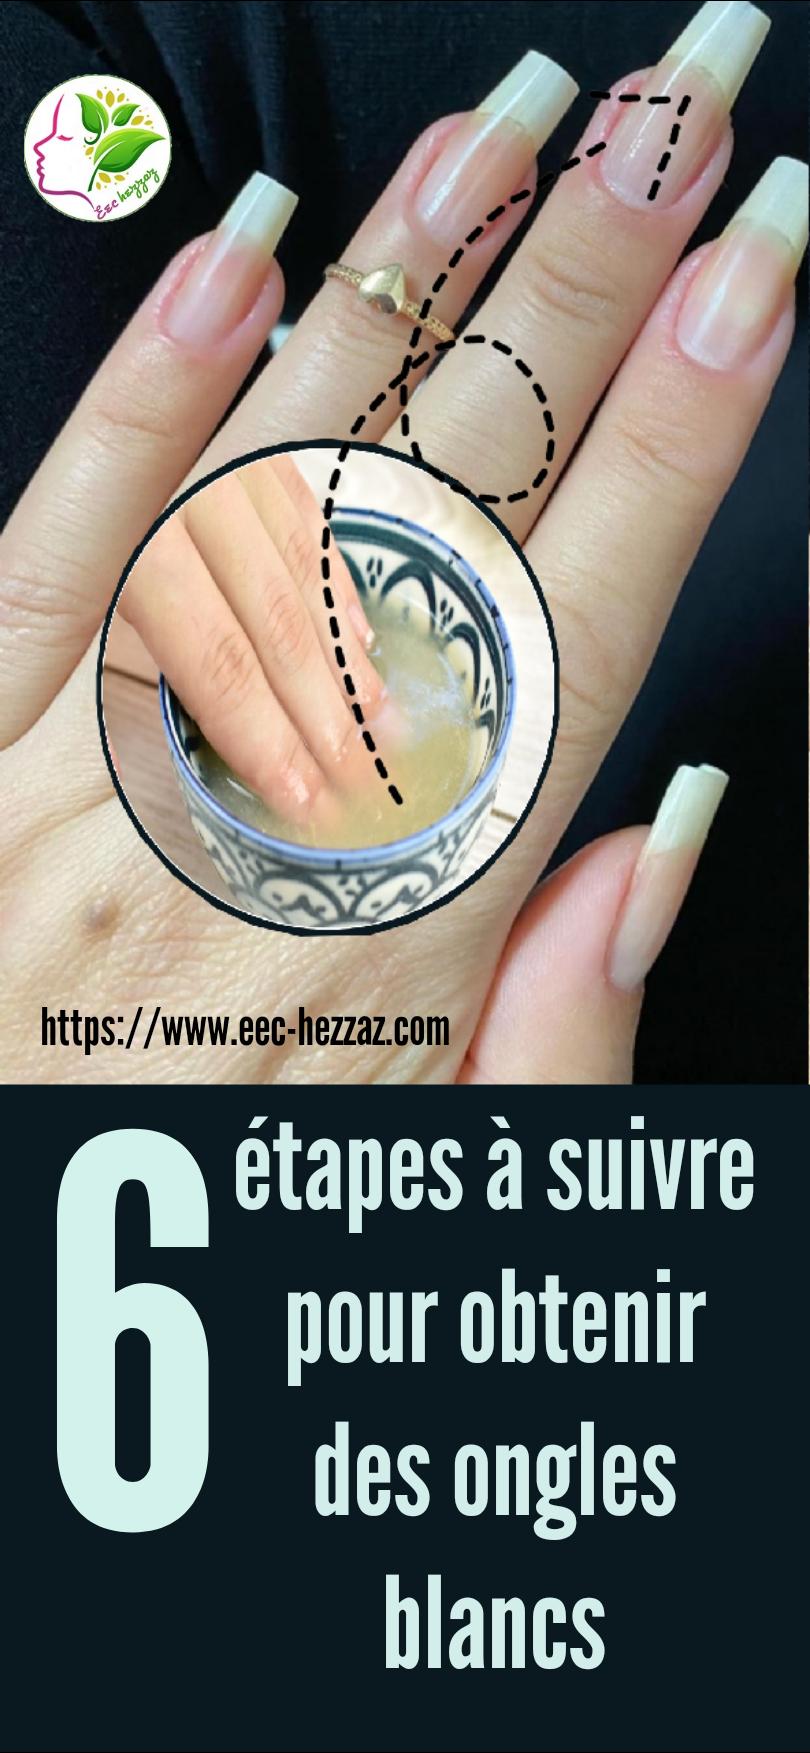 6 étapes à suivre pour obtenir des ongles blancs